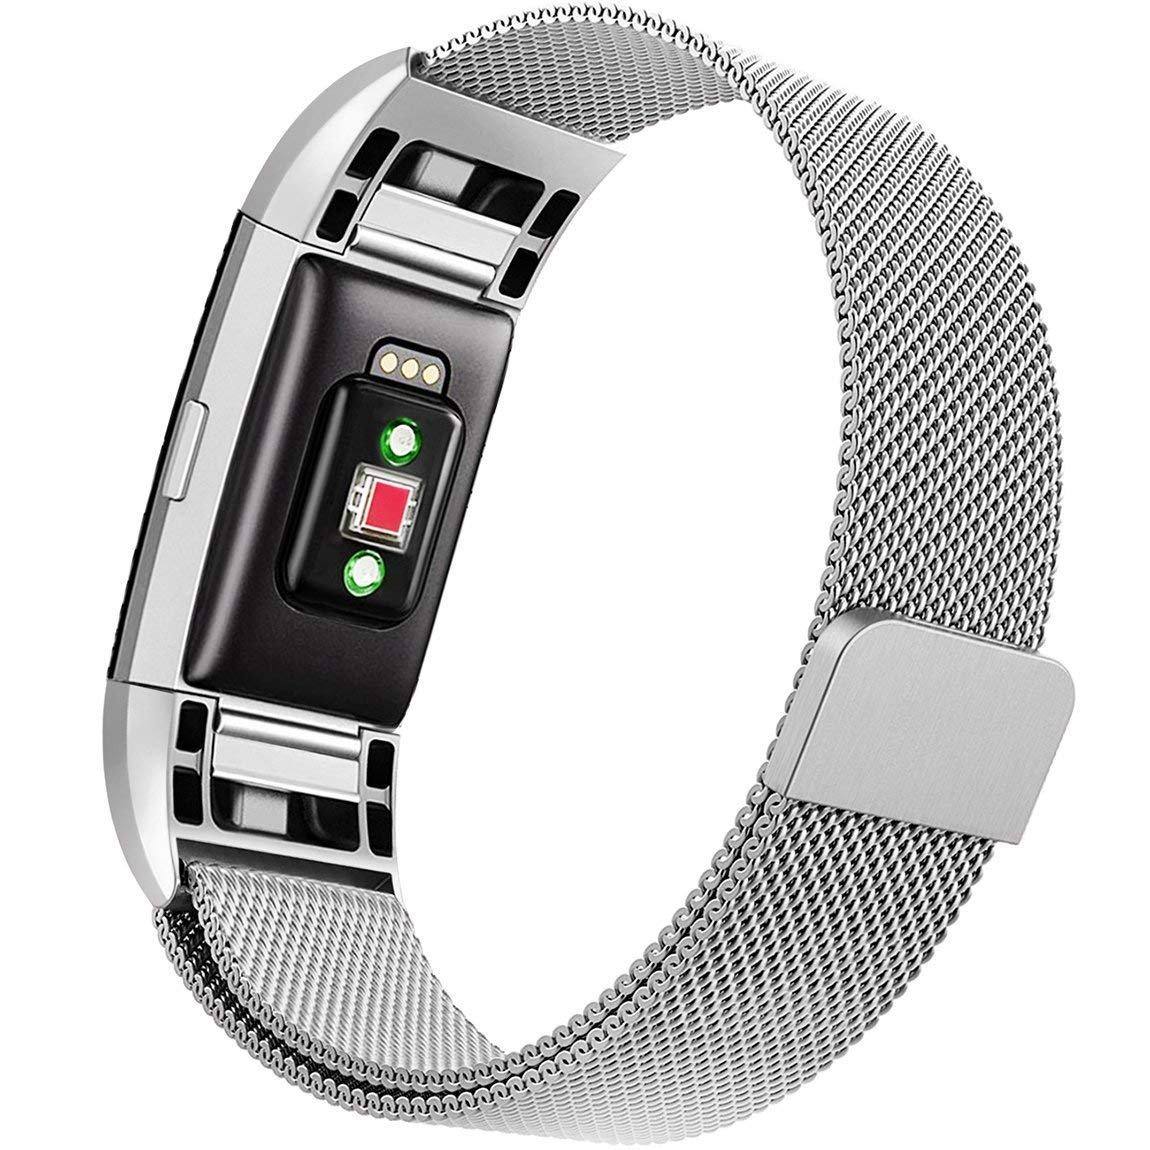 RLTech バンド Fitbit Charge 3 ミラネーゼループ ステンレススチール メタルアクセサリー ブレスレット 独自のマグネットロック スポーツリストバンド Fitbit Charge 3用 Small シルバー B07HHZDQ9Y